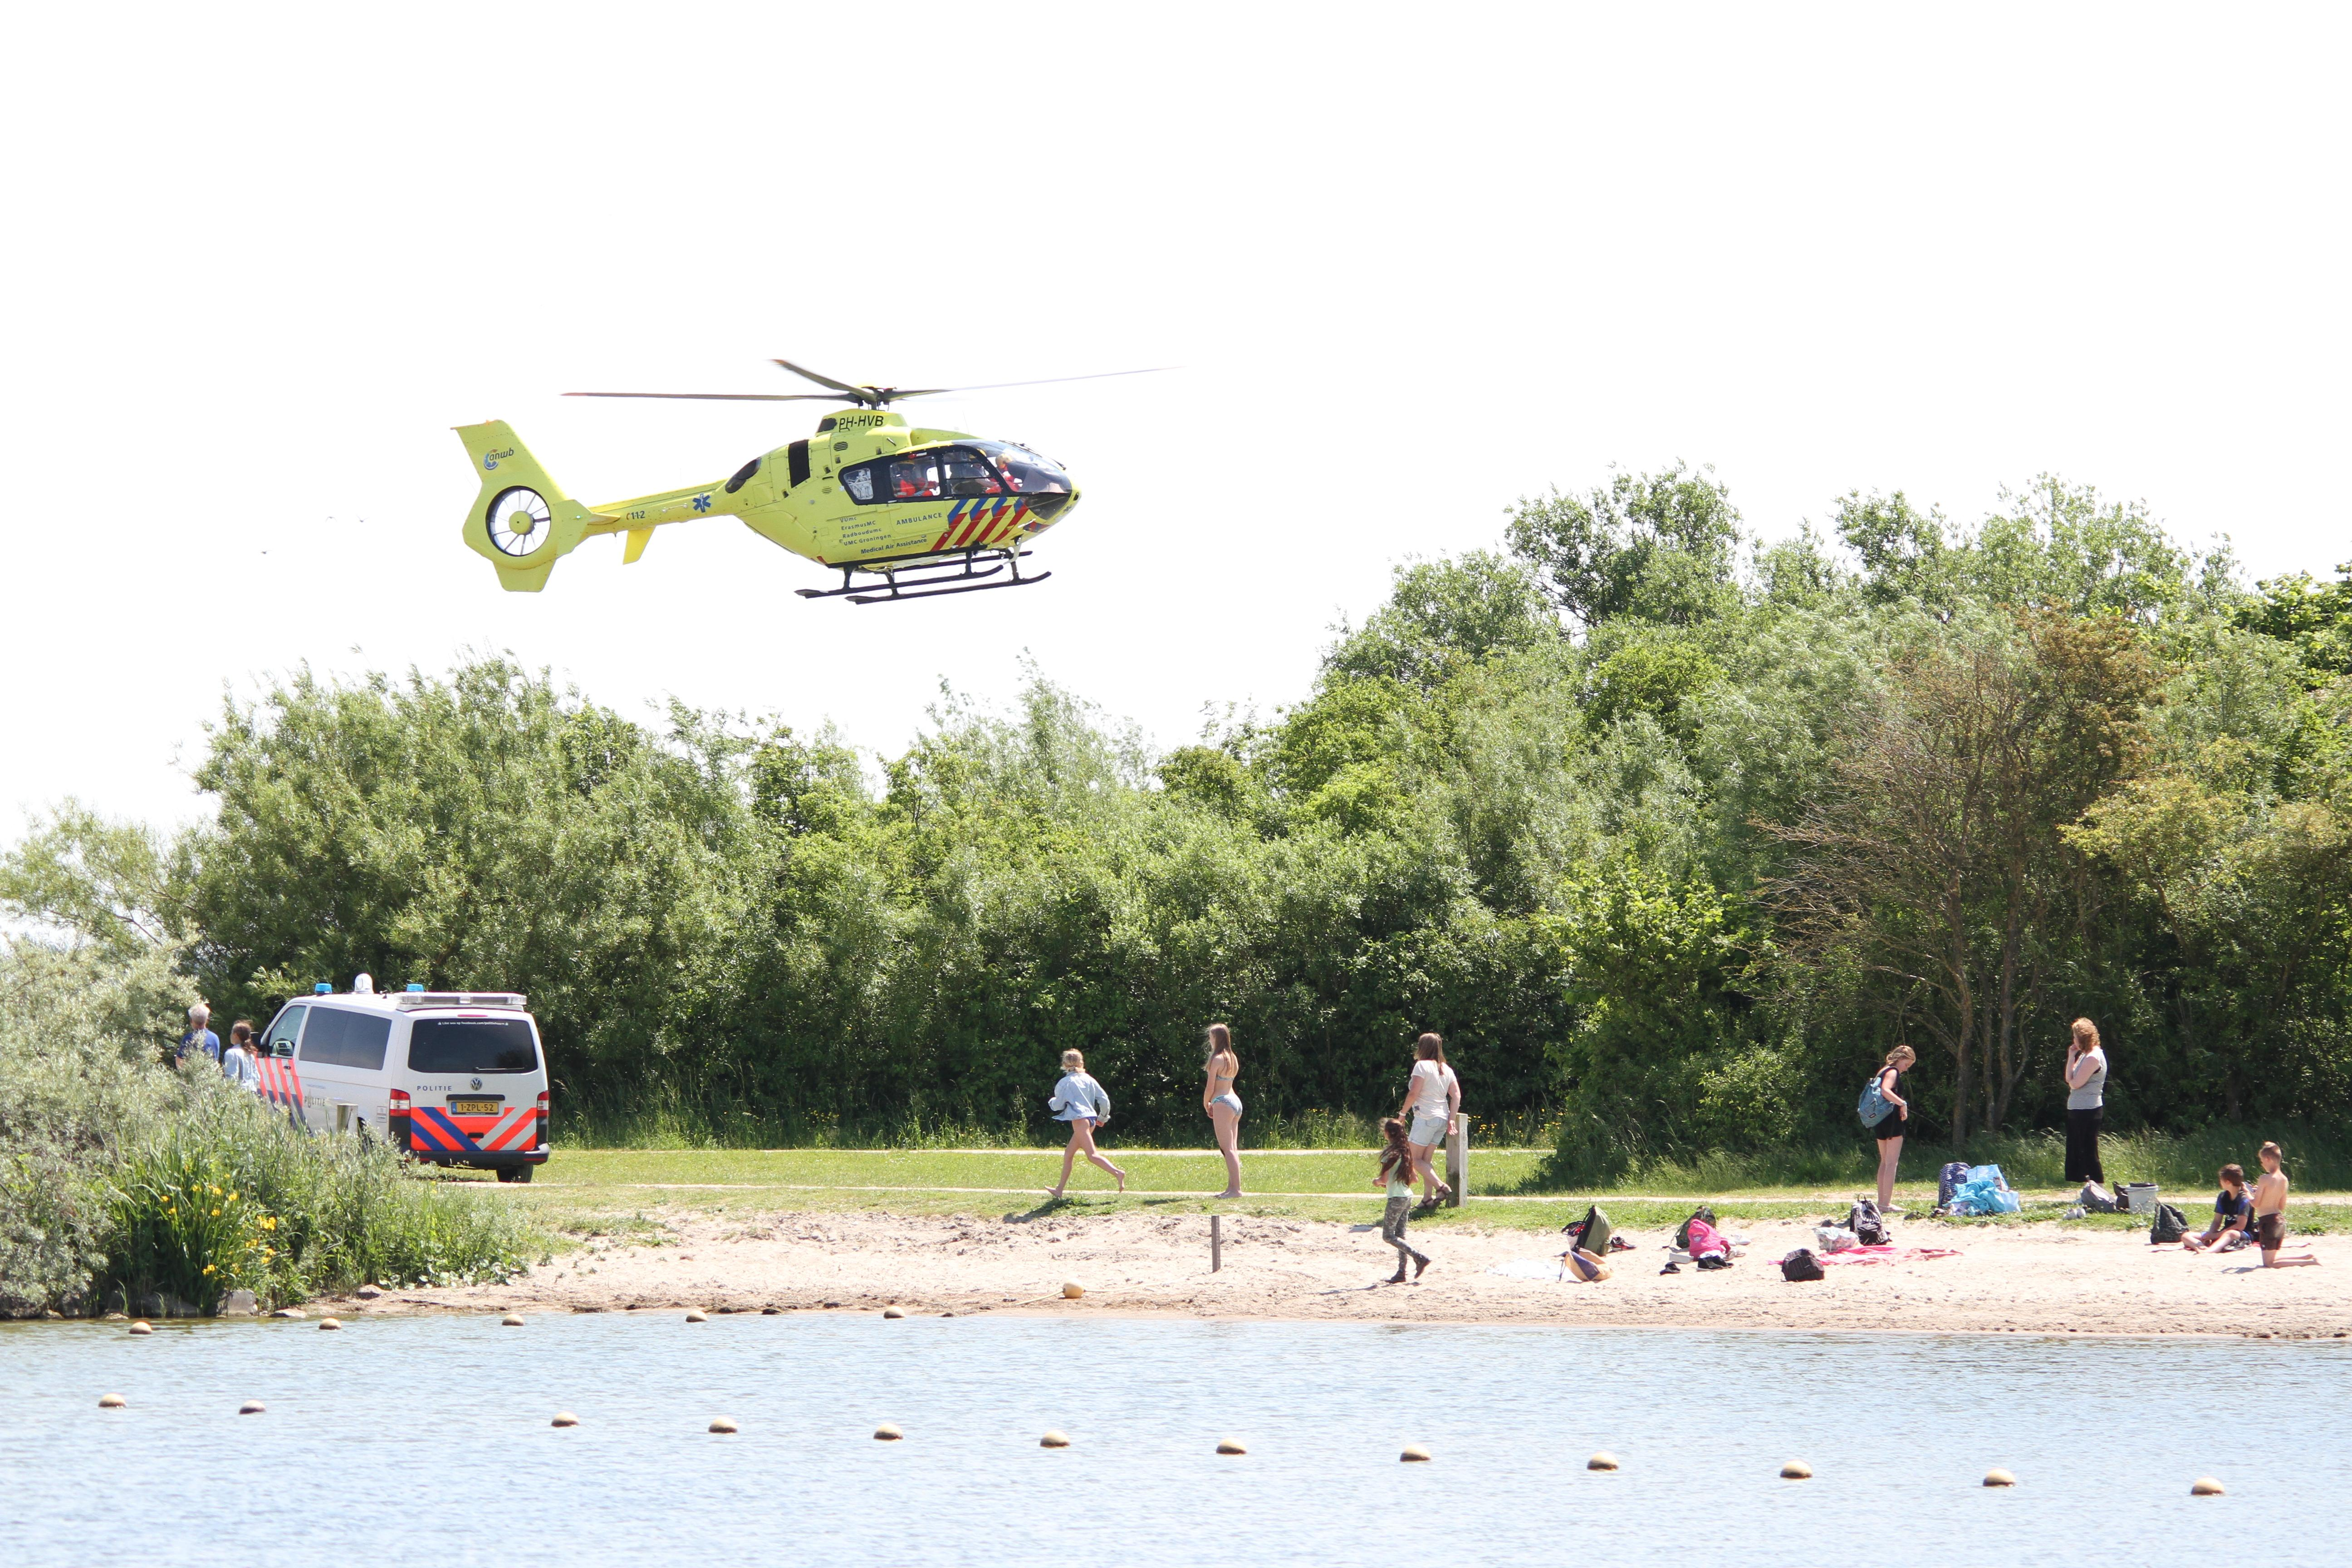 Omstanders redden in problemen geraakte vrouw uit water in Medemblik